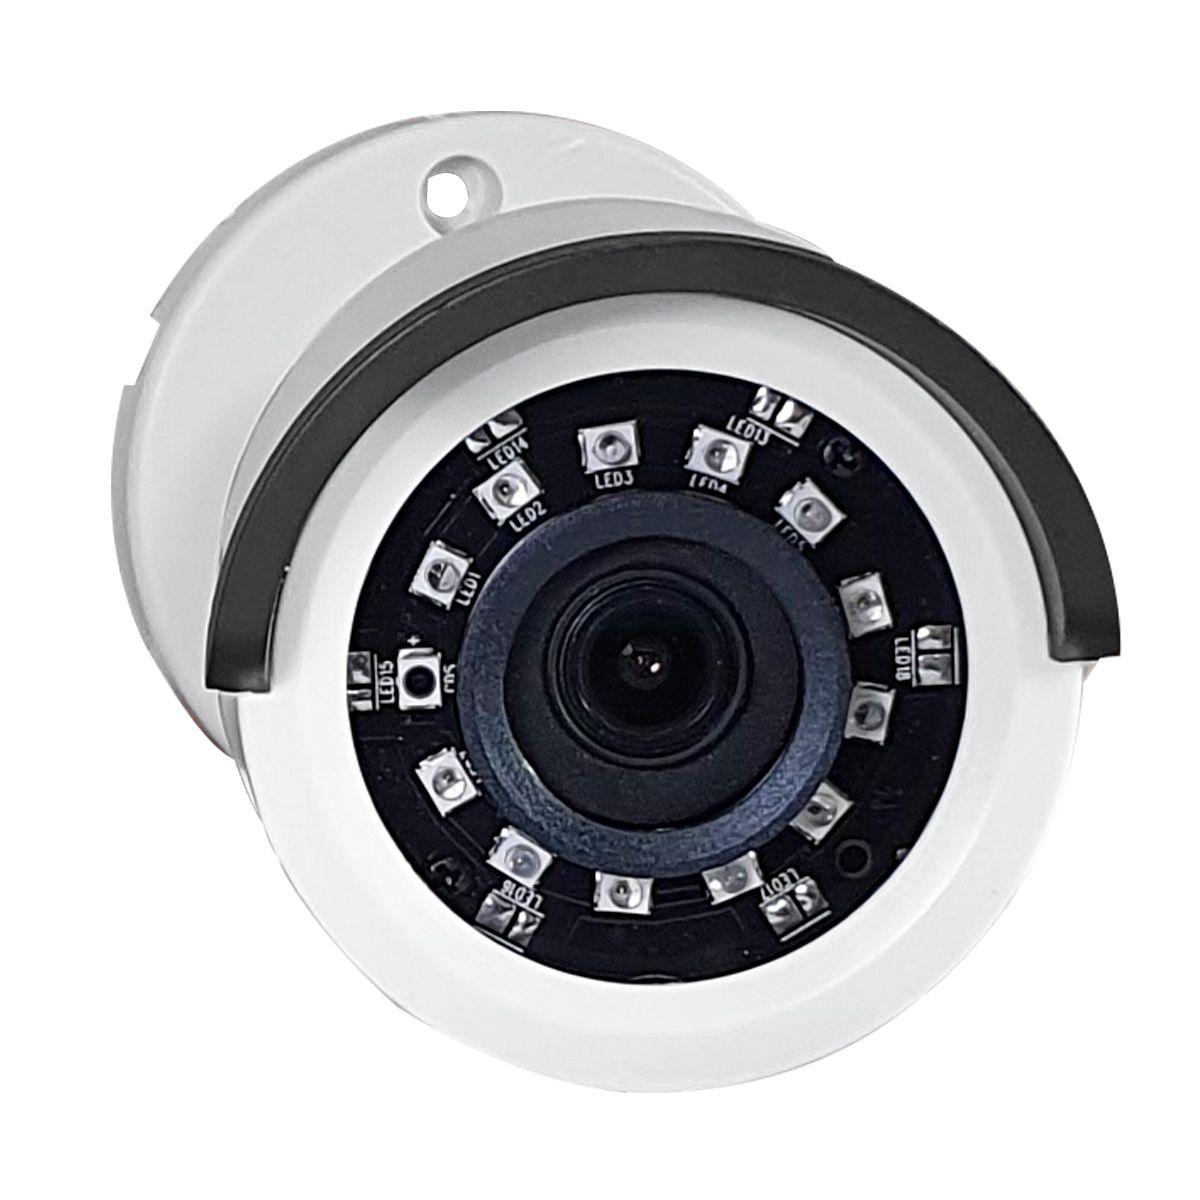 Câmera de Segurança Giga GS0020 Orion - 1MP, HD 720p, Lente 2,6mm, Infra 20 metros - 4 em 1 HDCVI, HDTVI, AHD  - Tudo Forte